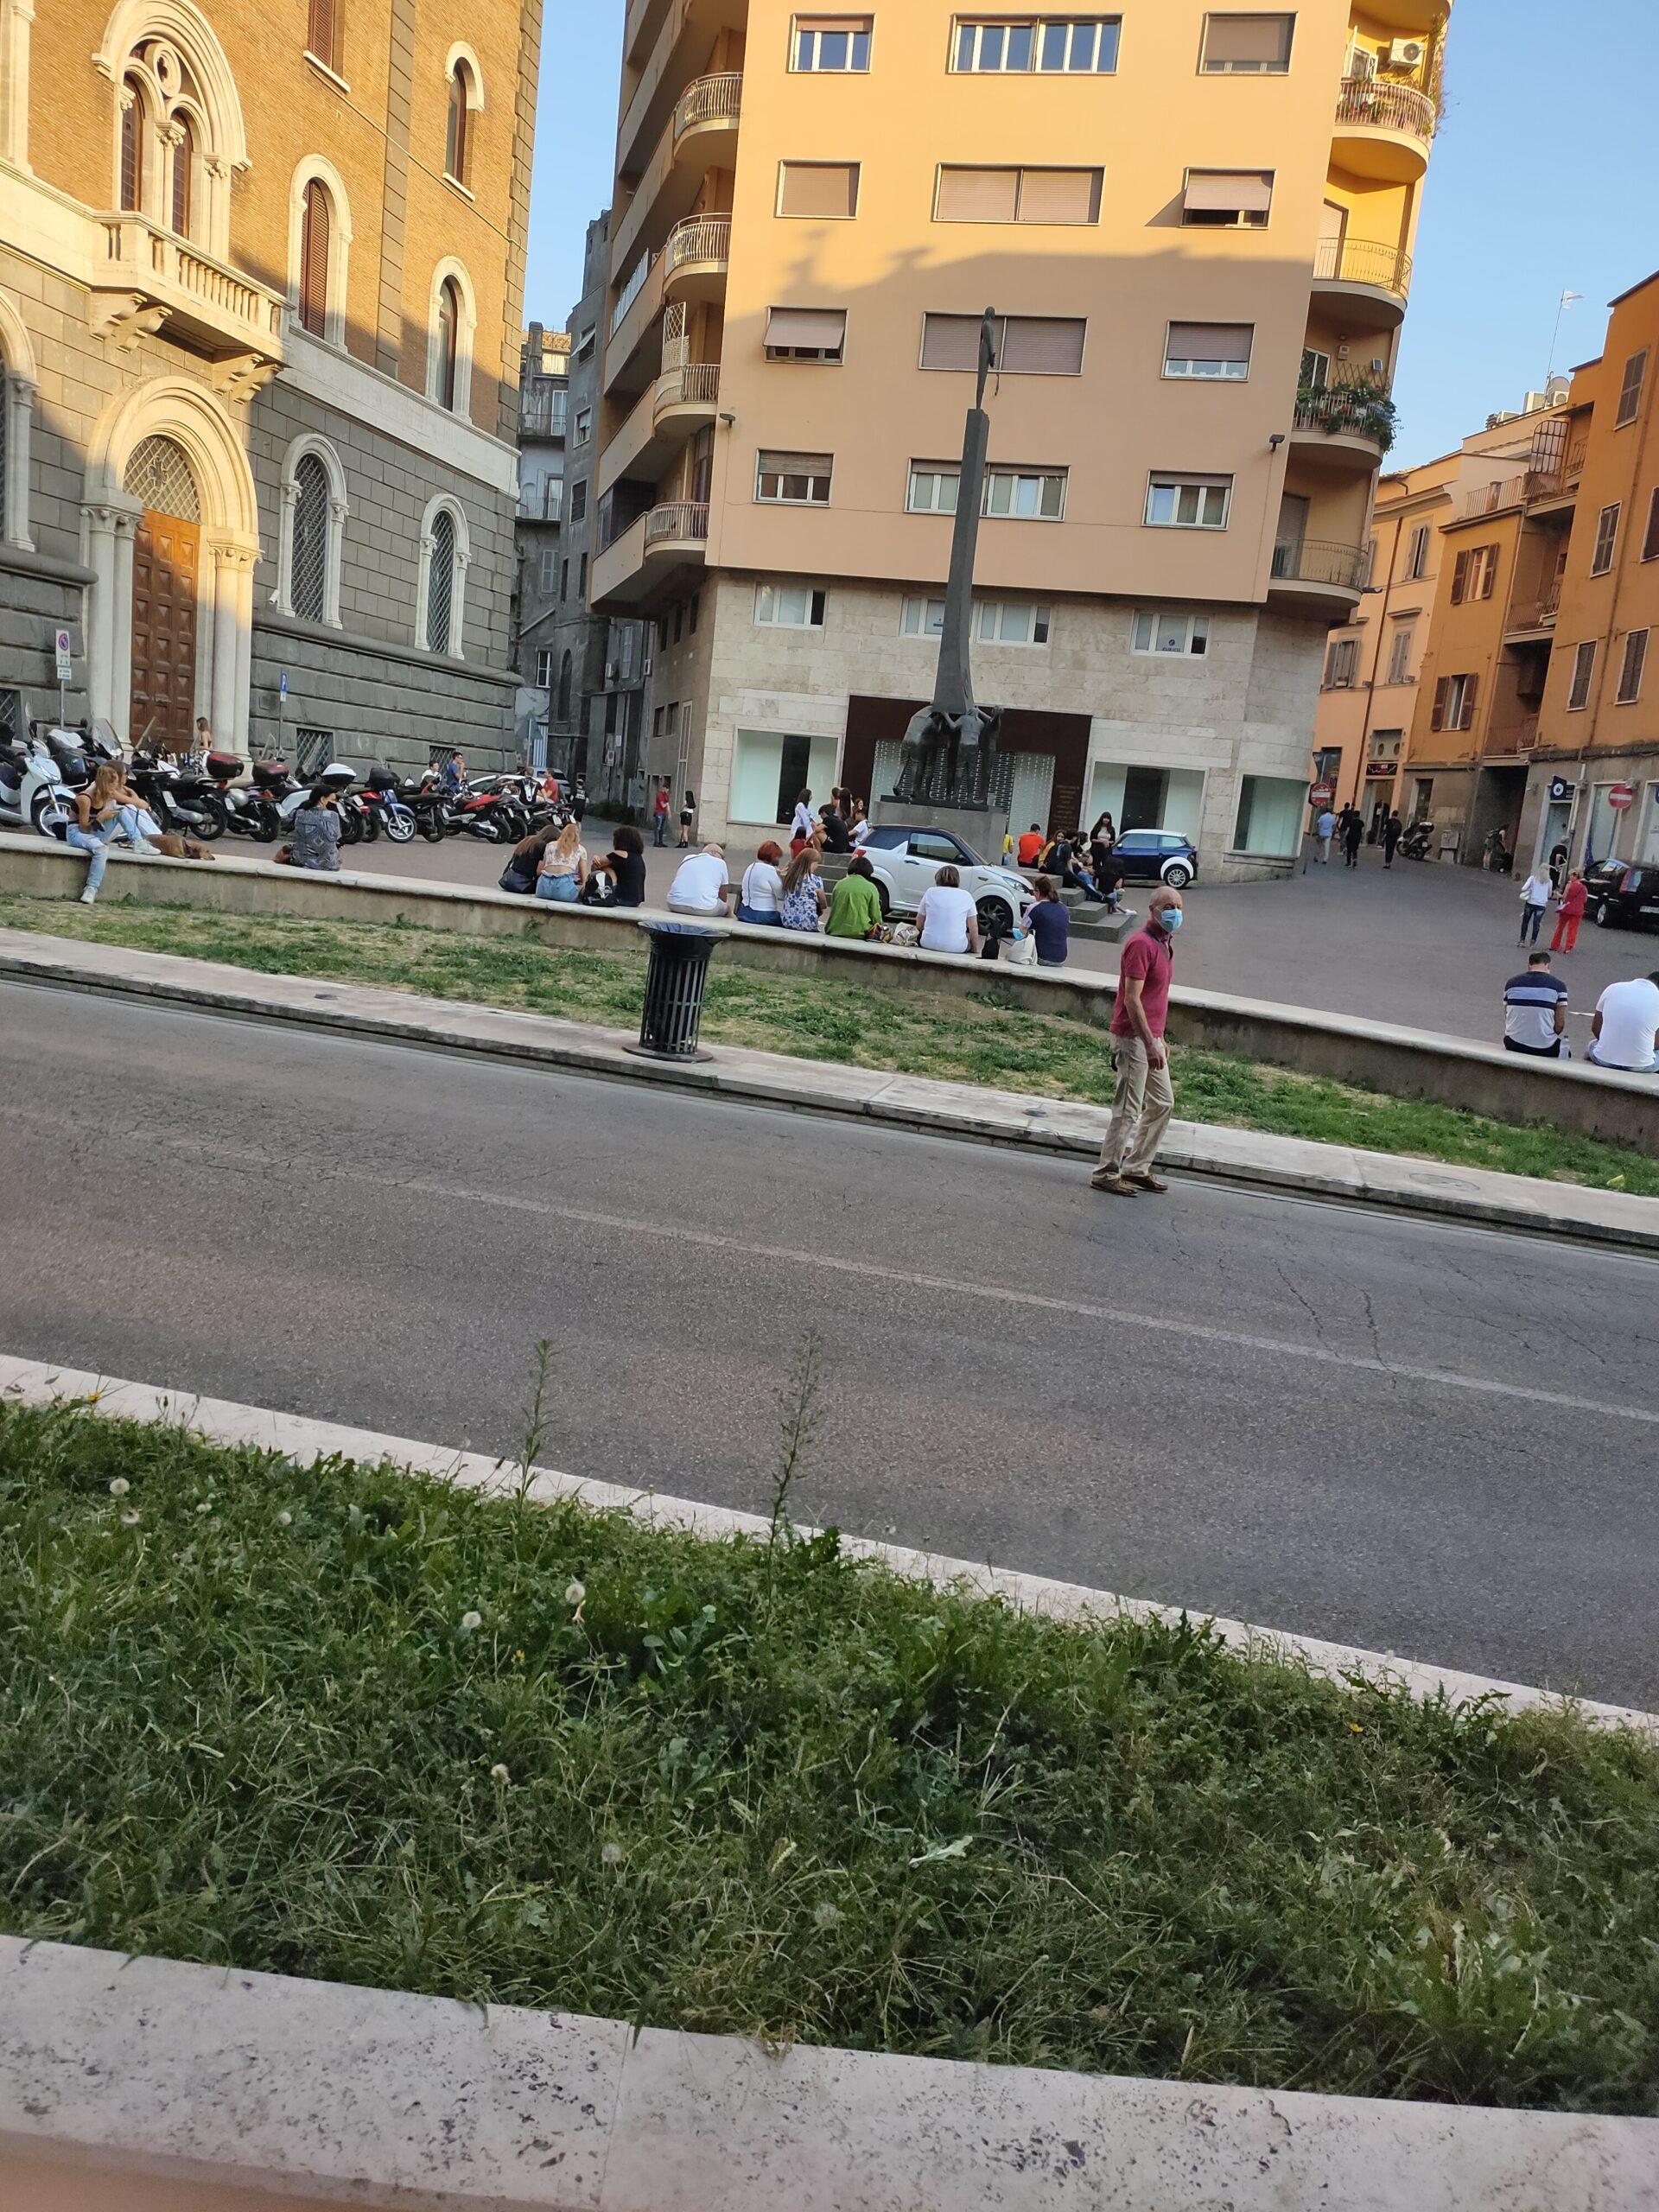 Viterbo, Piazza della Repubblica tra parcheggio selvaggio e allarme droga per i giovani, cronaca di un degrado urbano crescente